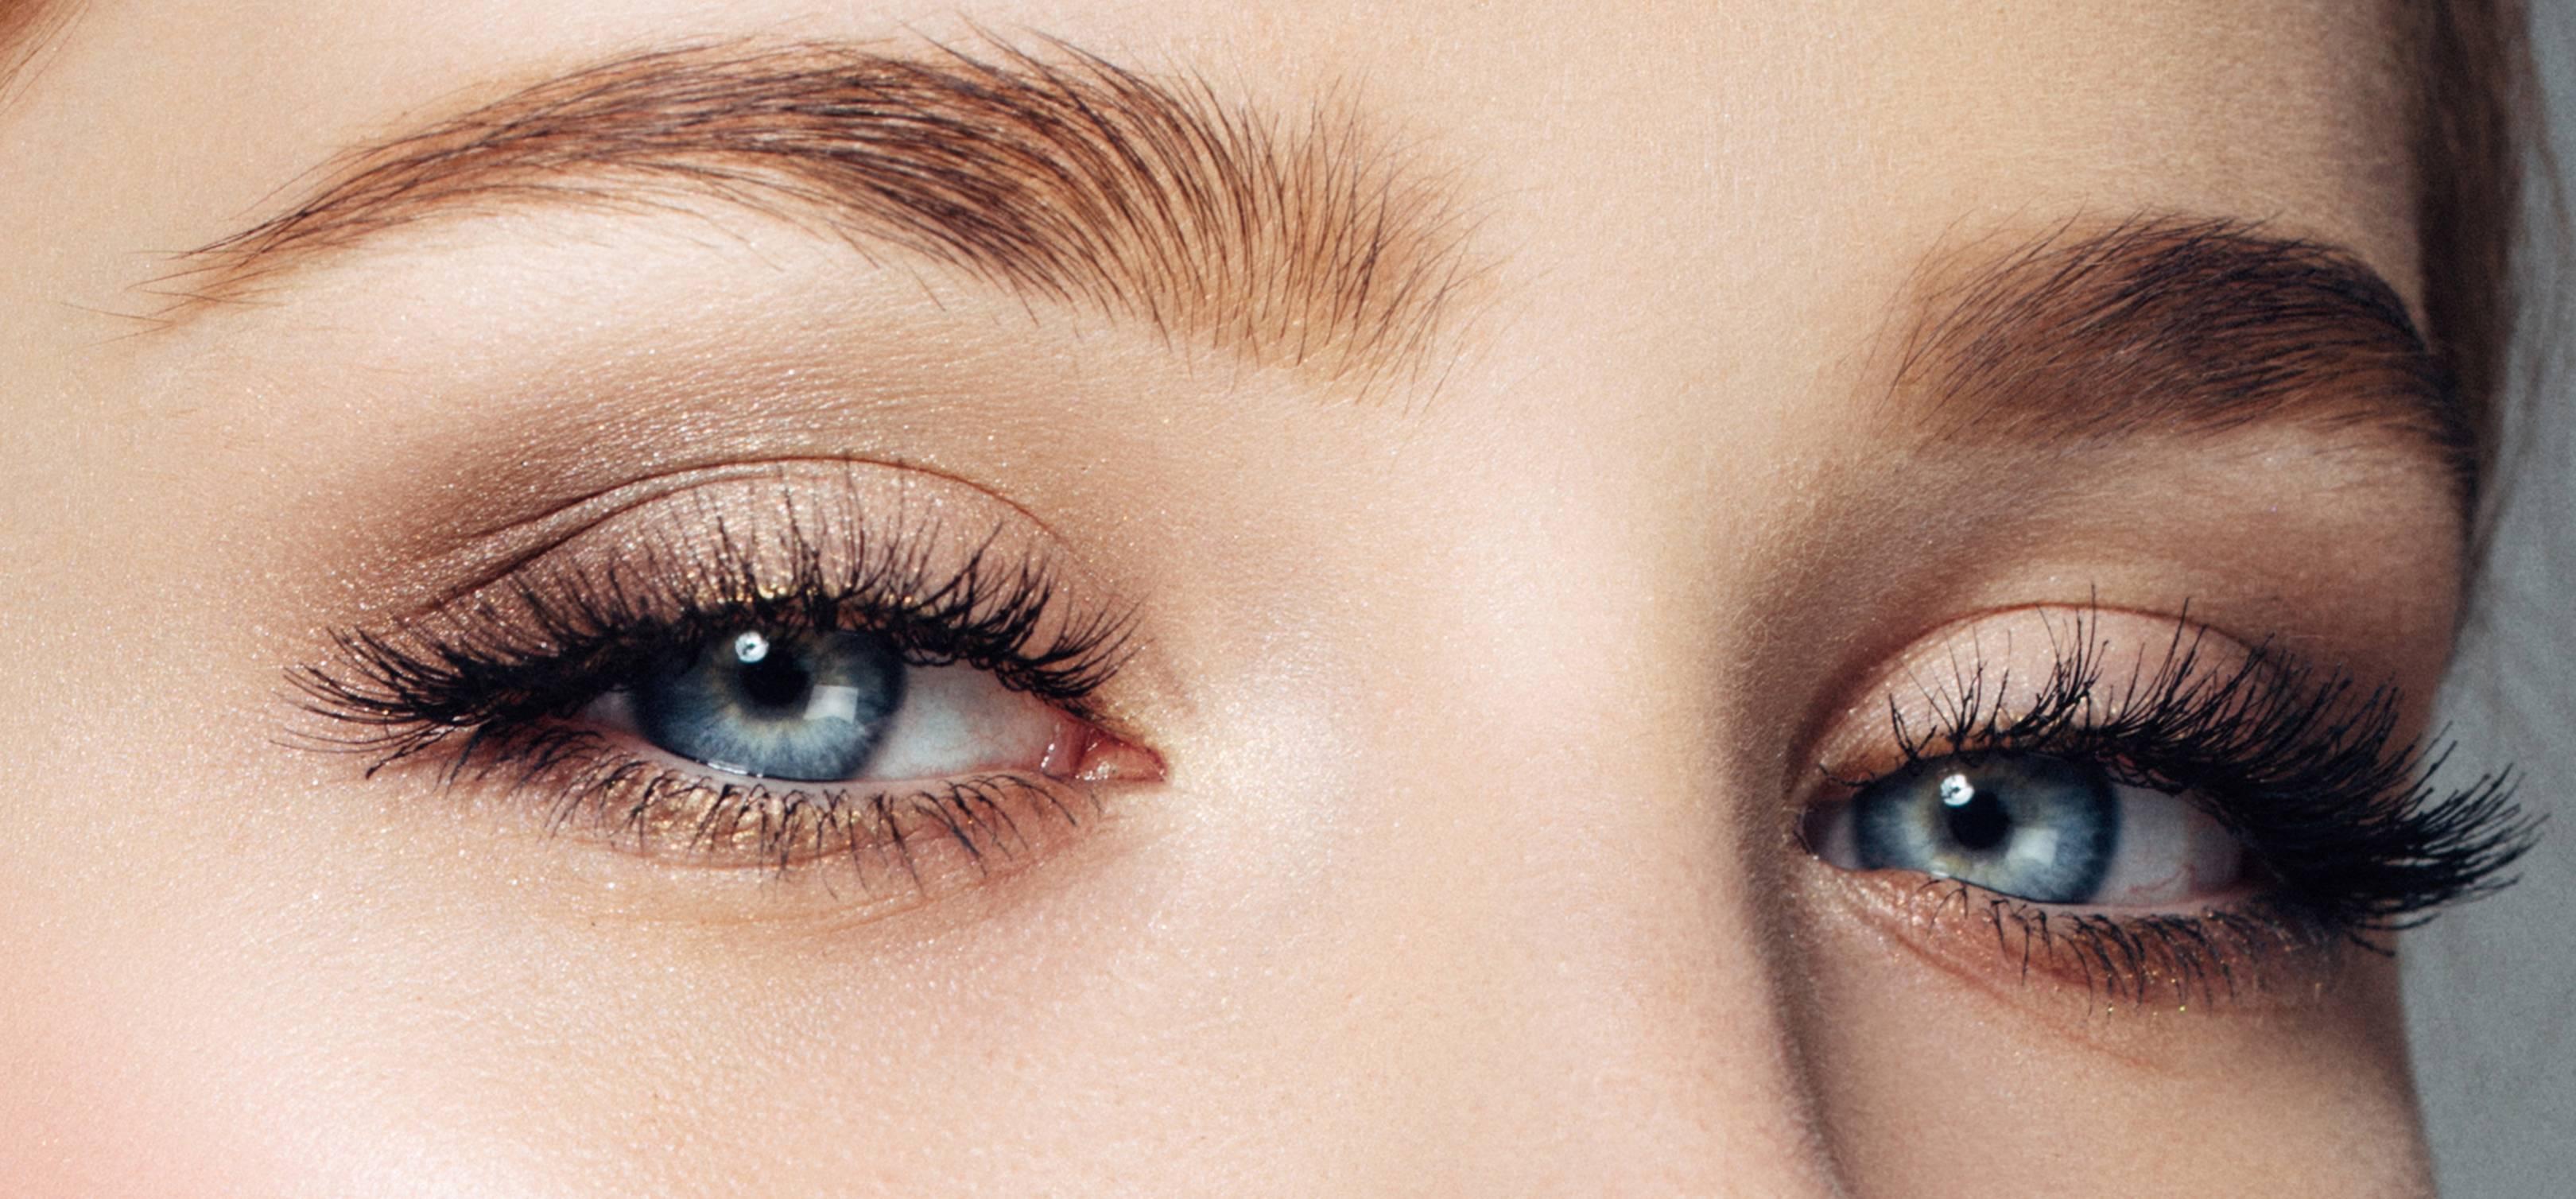 Best False Eyelashes Where To Buy Subtle Dramatic Fake Lashes